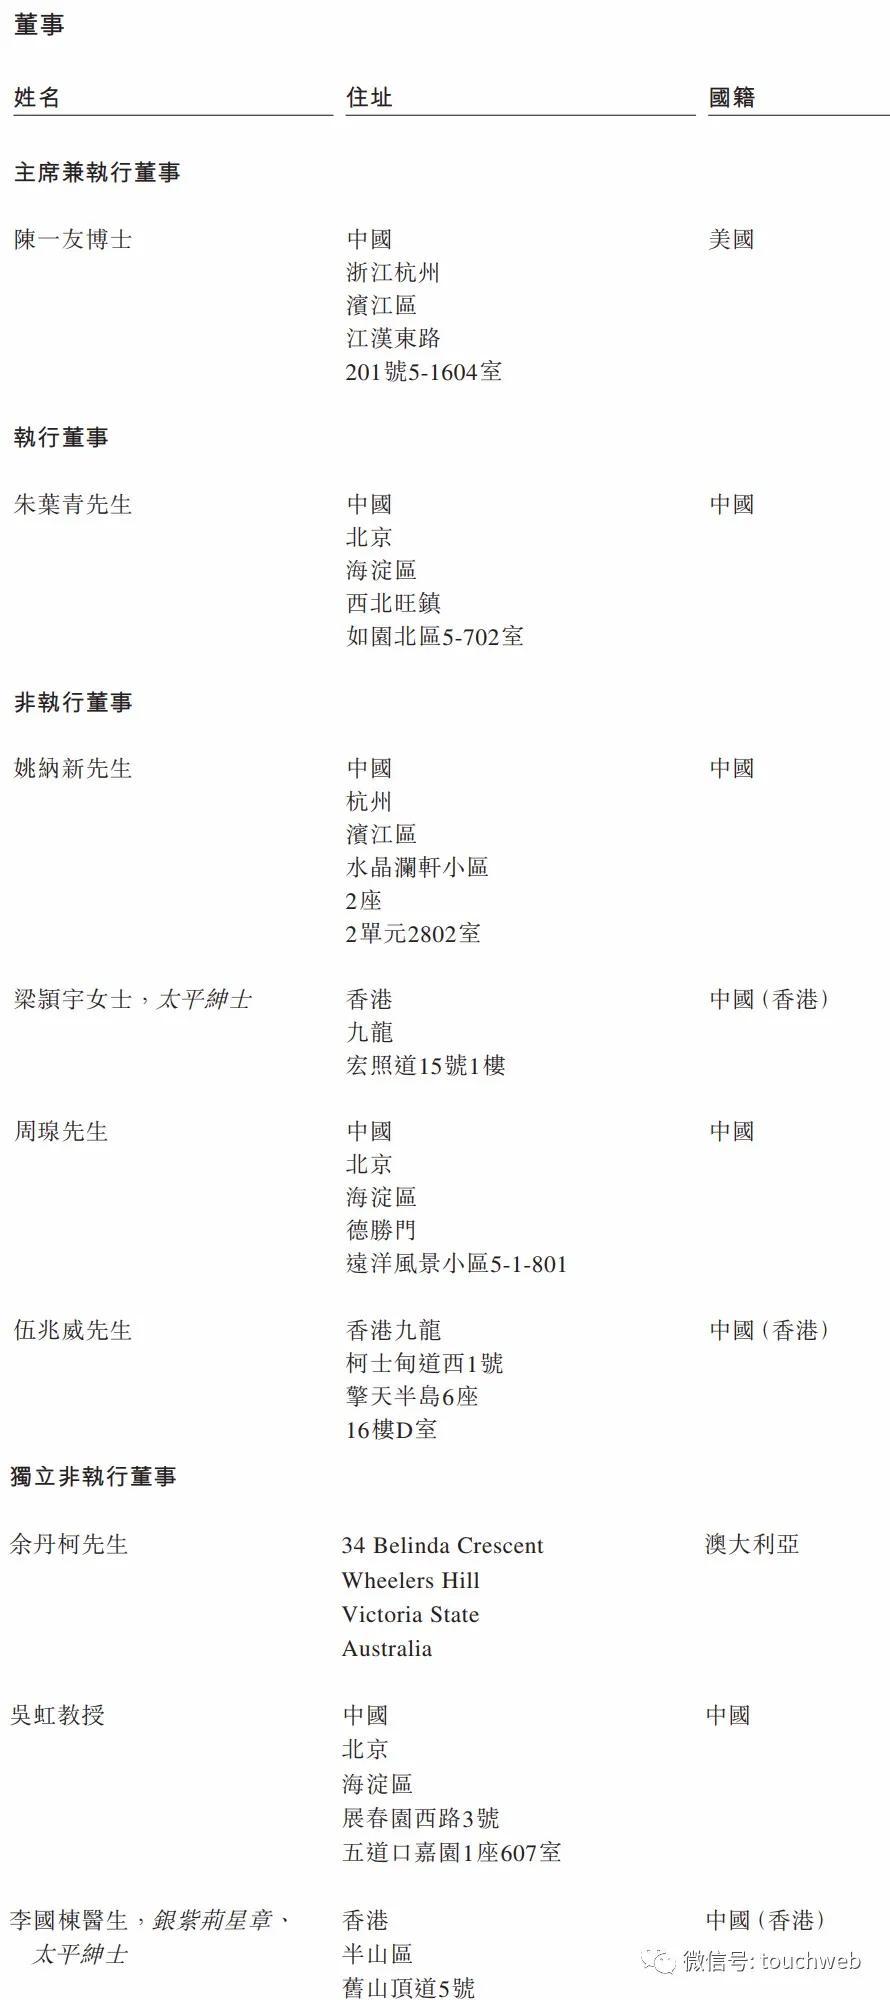 诺辉健康冲刺港交所:上半年亏损5.5亿 启明君联是股东